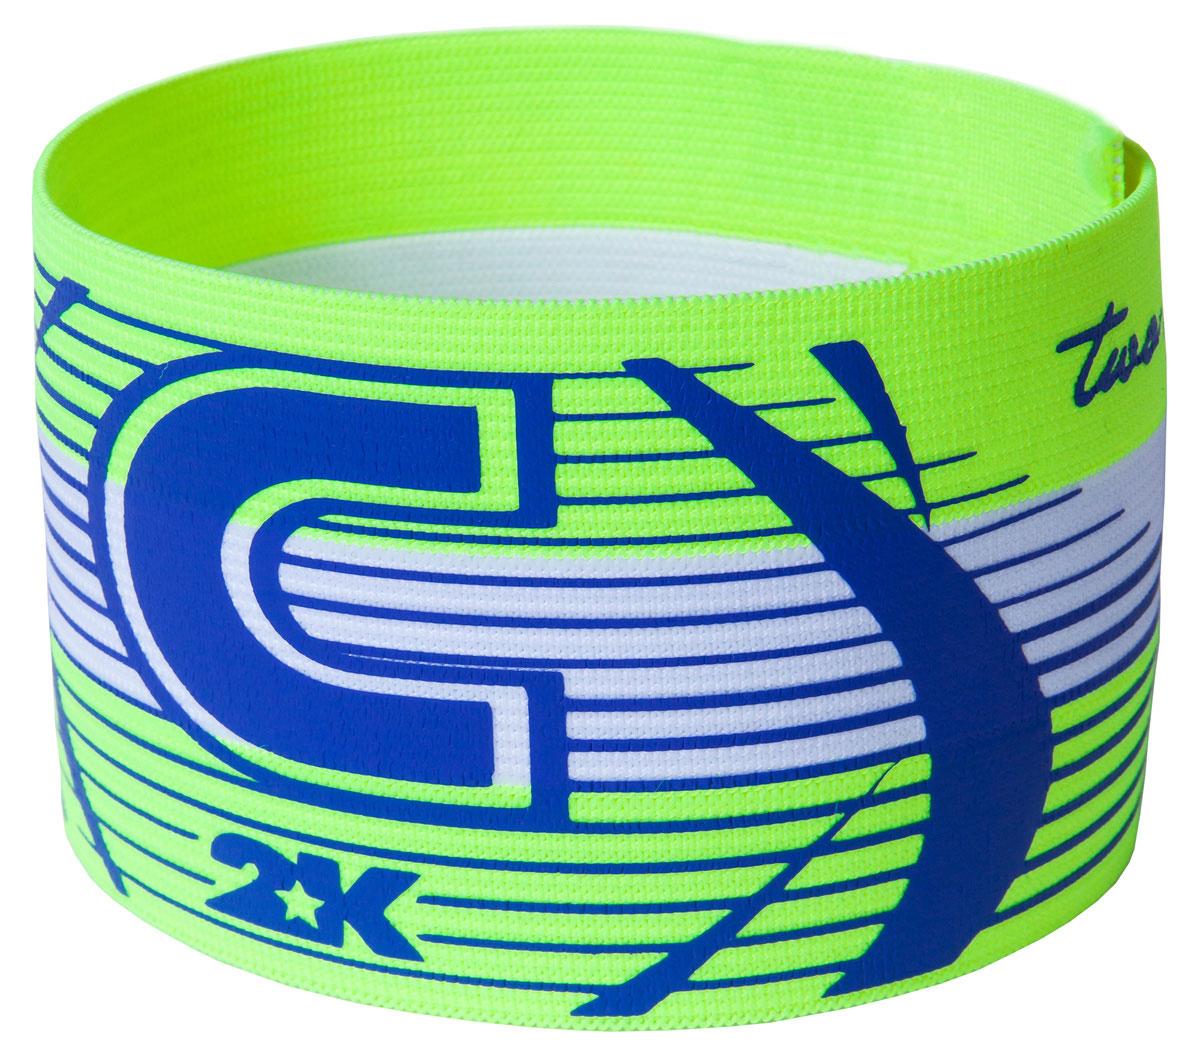 Повязка капитанская 2K Sport Captain, цвет: светло-зеленый, голубой126317Яркая повязка на руку 2K Sport Captain применяется для того, чтобы выделить на поле капитана команды. Выполнено изделие из высококачественного полиэстера. Размер универсальный.